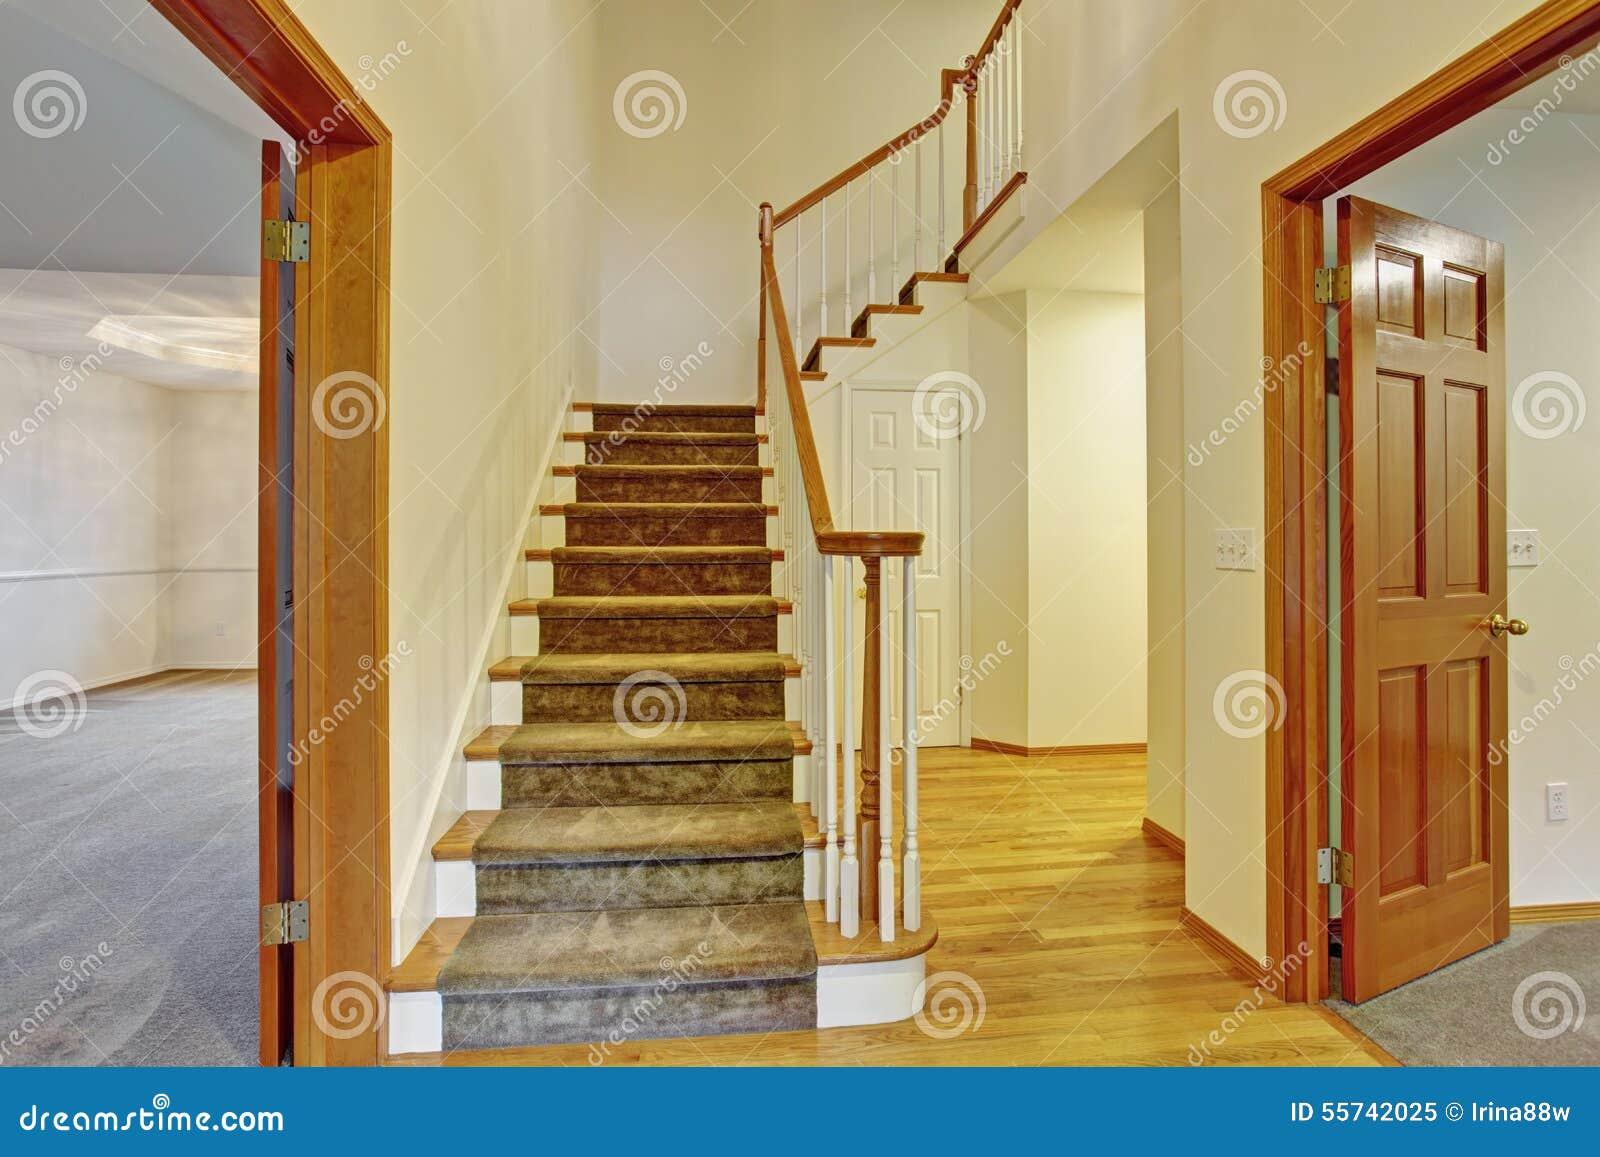 Entrada hermosa a la casa con las escaleras imagen de for Escaleras entrada casa